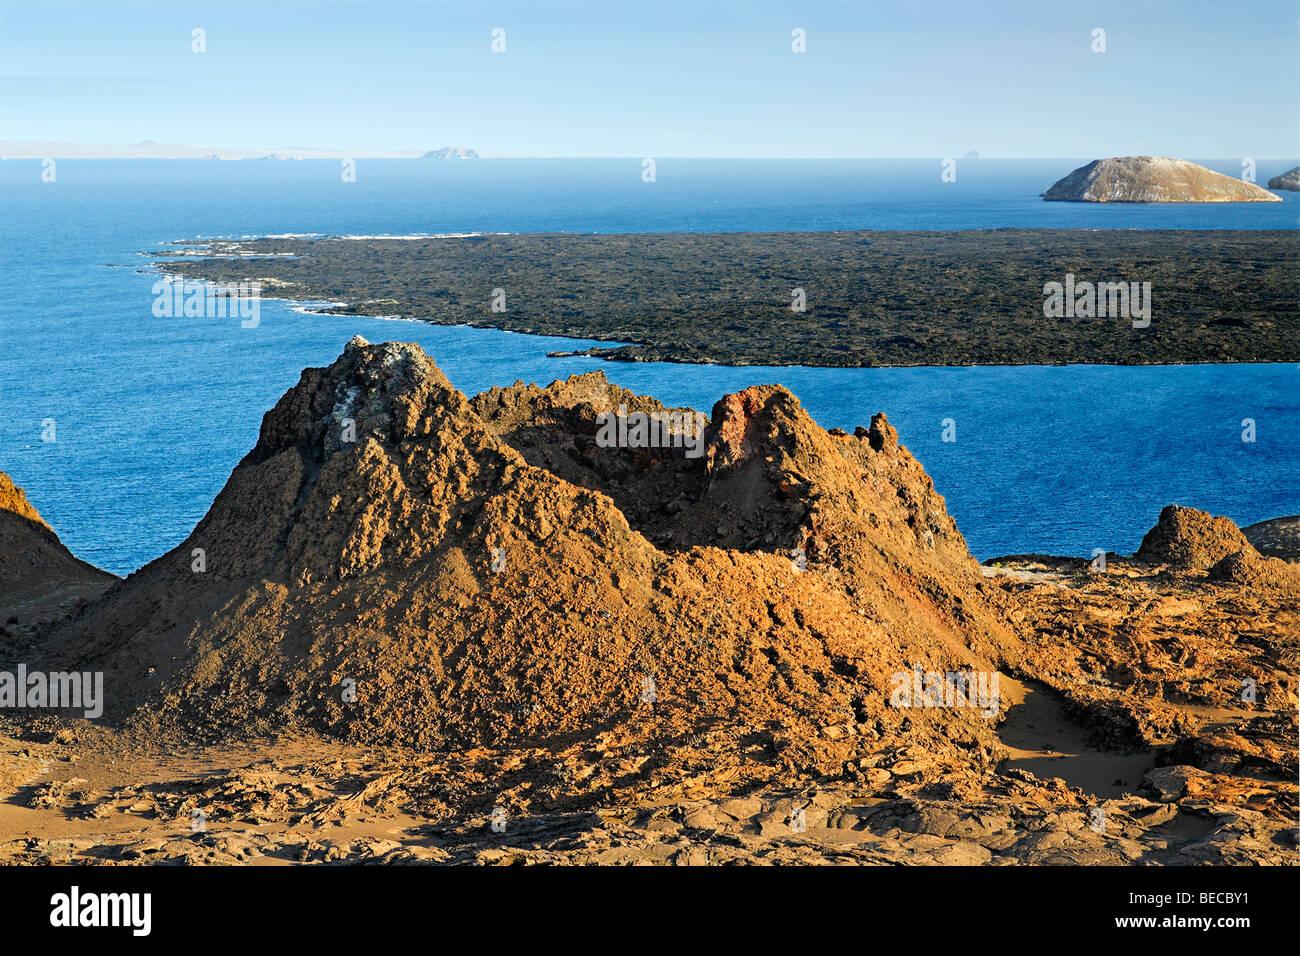 Urzeitliche vulkanische Landschaft mit kleinen Krater, Bartolomé Insel, Blick auf Santiago, Galapagos Achipelago Stockbild